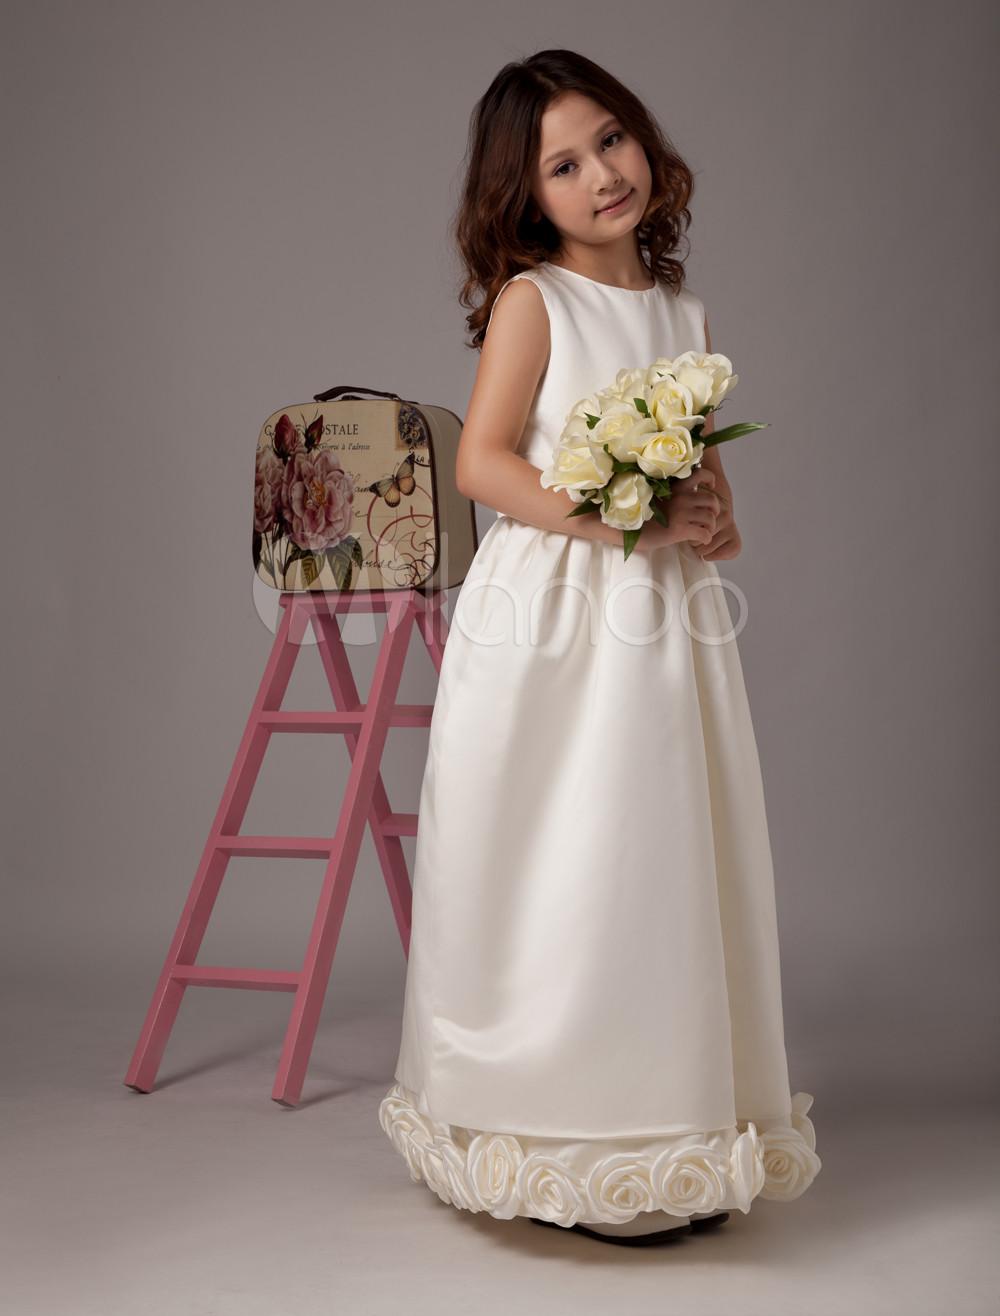 Buy Lovely Ivory Sleeveless Sash Satin Flower Girl Dress for $74.69 in Milanoo store